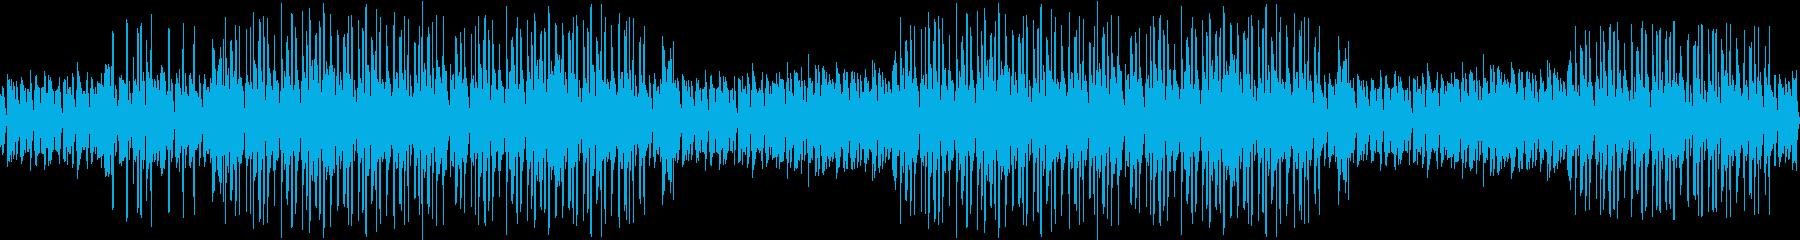 ジャズピアノ・お洒落・大人・綺麗・ループの再生済みの波形